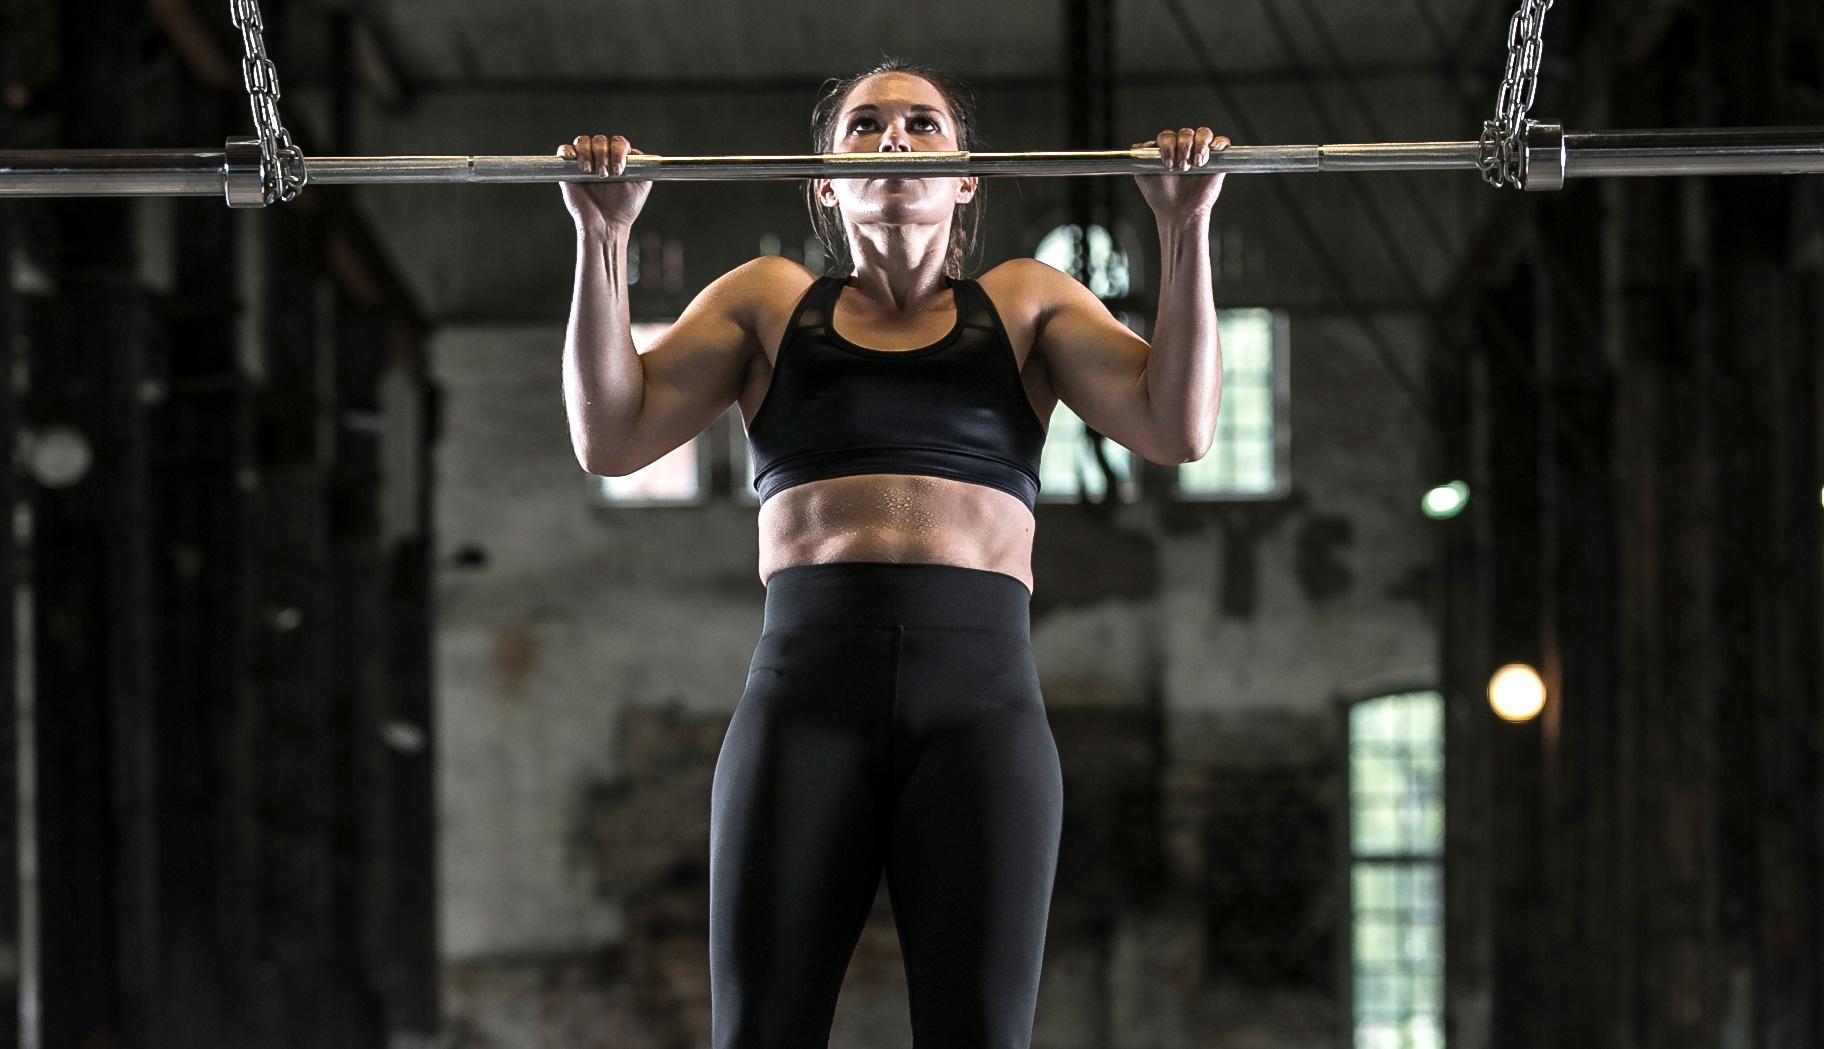 power-by-lisa-wilborg-goteborg-fitness-11.jpg